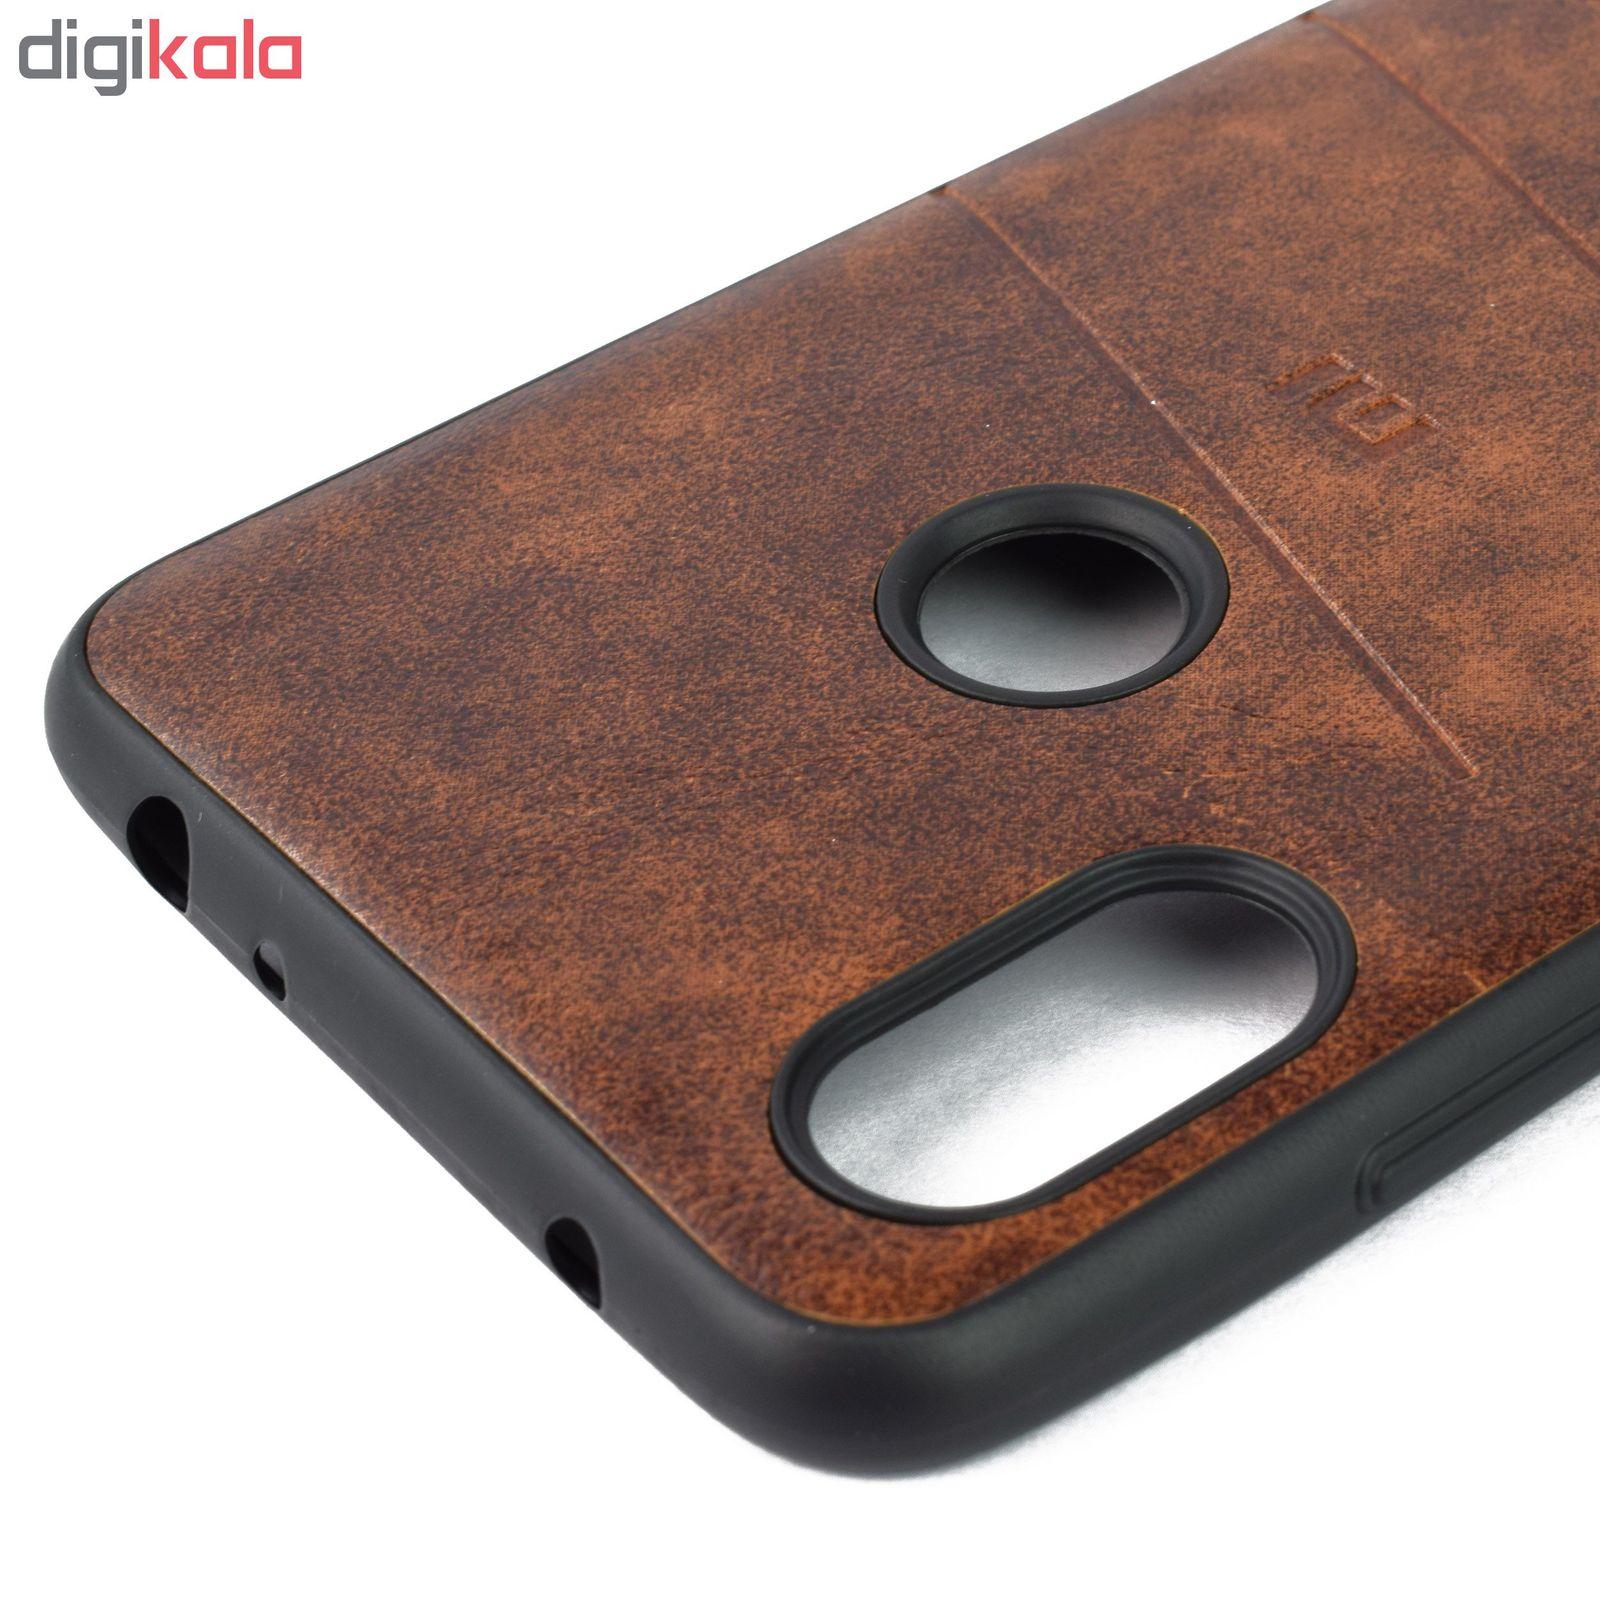 کاور مدل LT10 مناسب برای گوشی موبایل شیائومی Redmi Note 7 / Note 7 Pro main 1 7